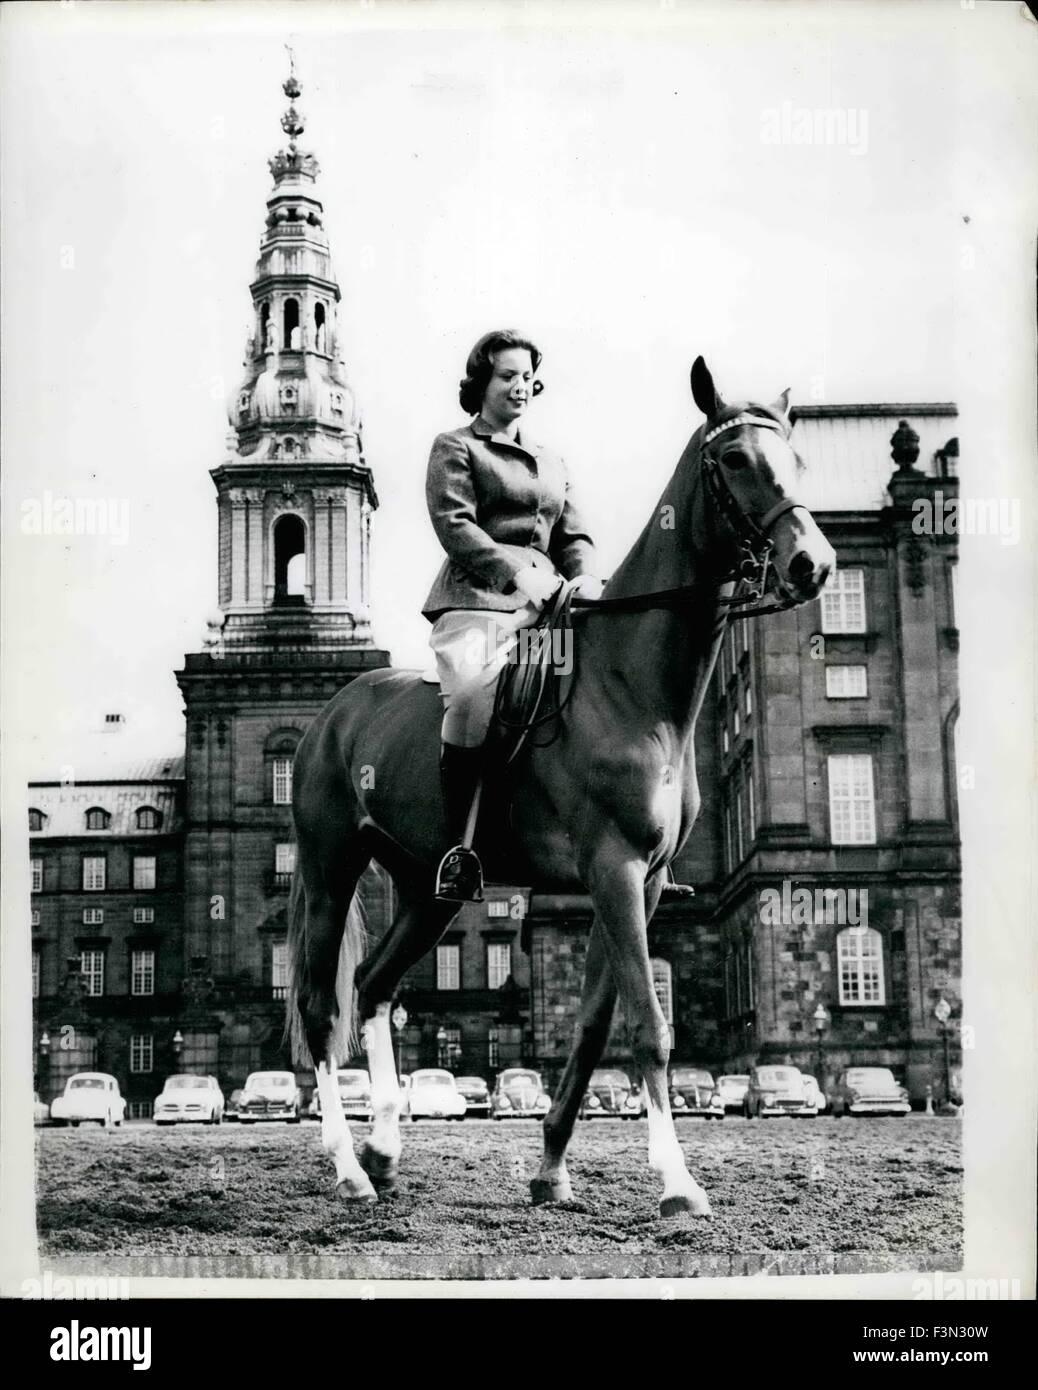 Jan. 04, 1953 - Prince Benedikte will be is this month: Princess Benedikte daughter of King Frederik and Queen Ingrid - Stock Image